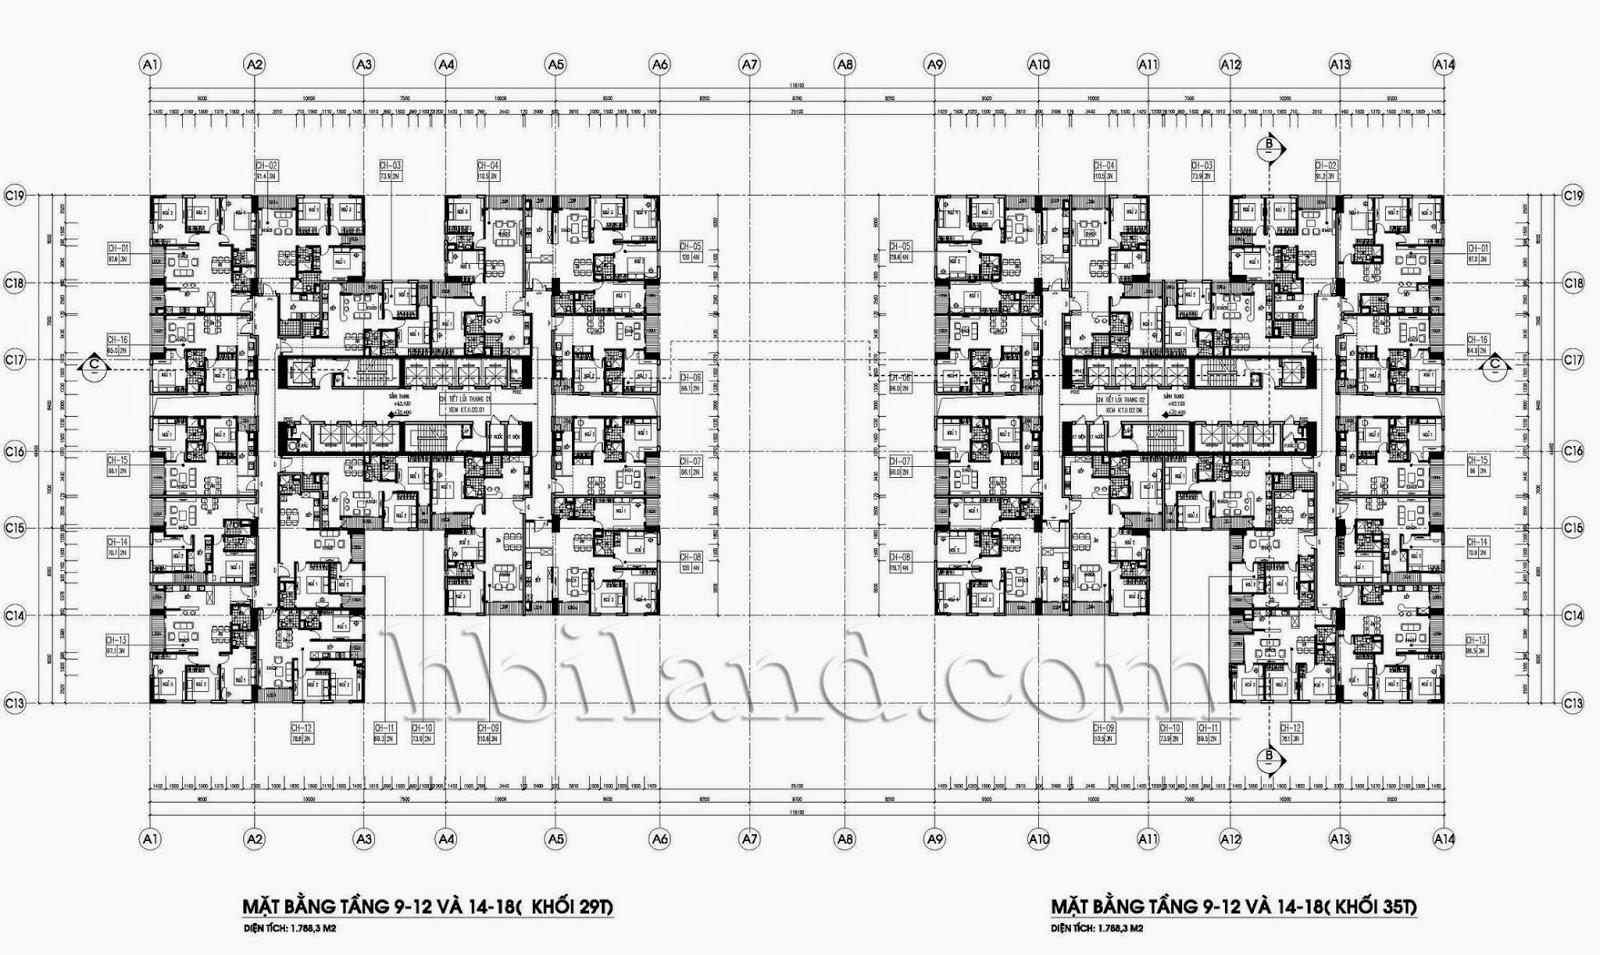 Mặt bằng tầng căn hộ điển hình tòa 29T-A chung cư imperia garden 203 nguyễn huy tưởng